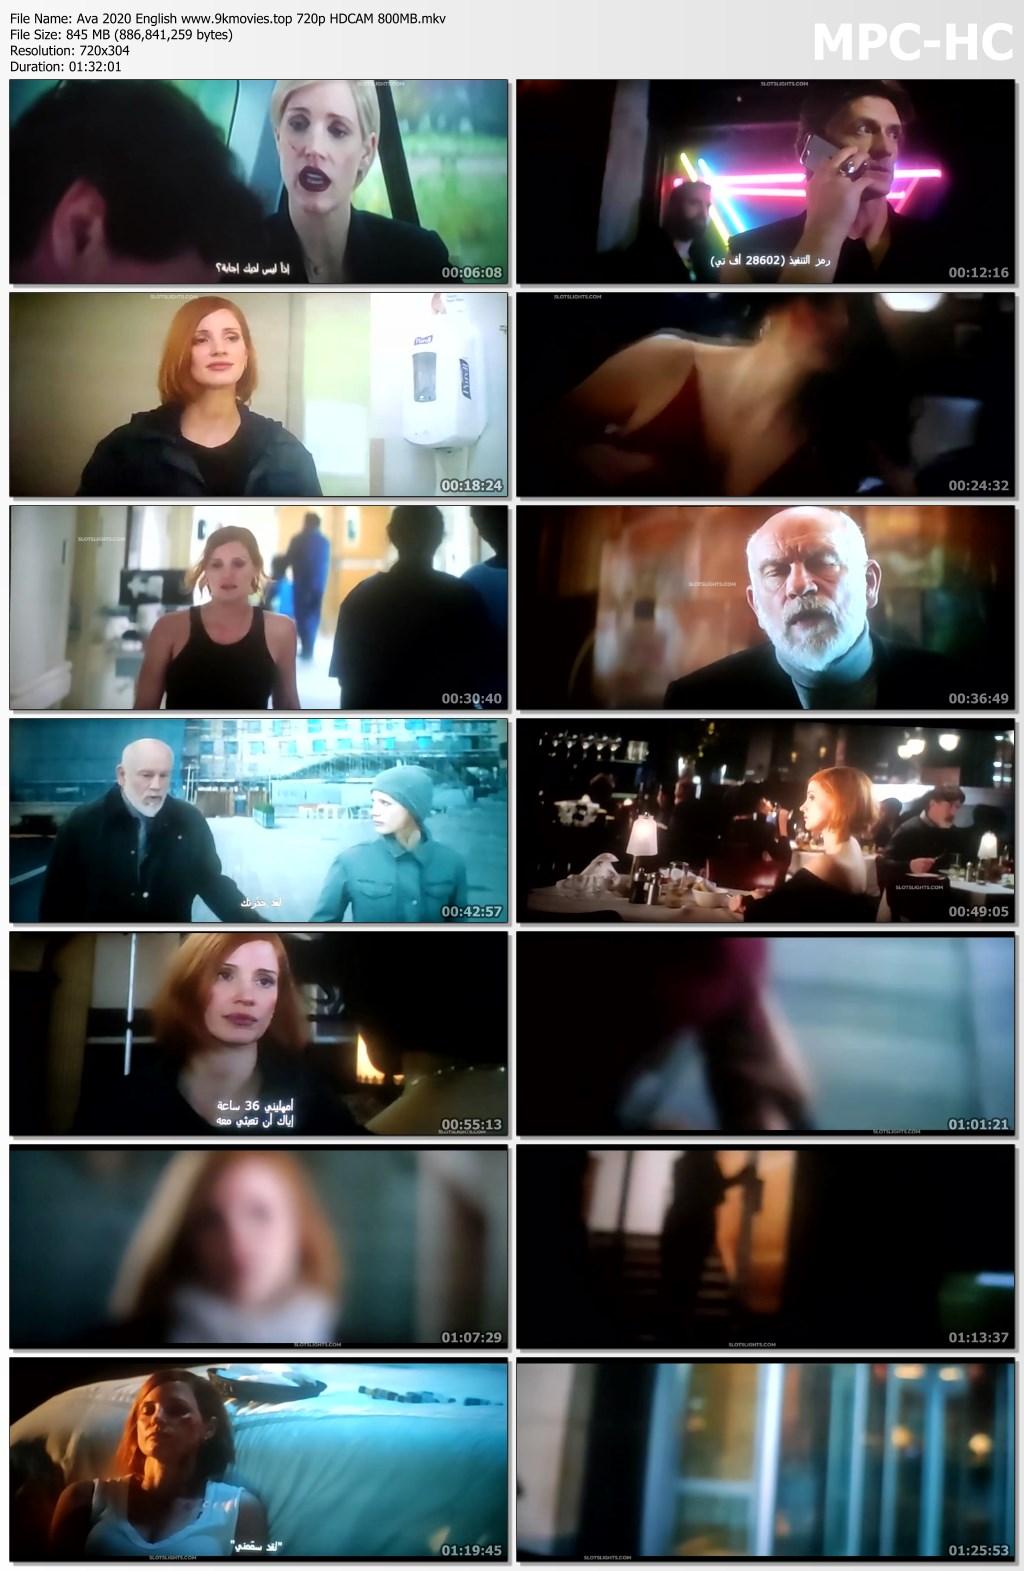 Halloween 2020 Hdcam Ava 2020 English 720p HDCAM 845MB   310MB Download   9xmovies.photos